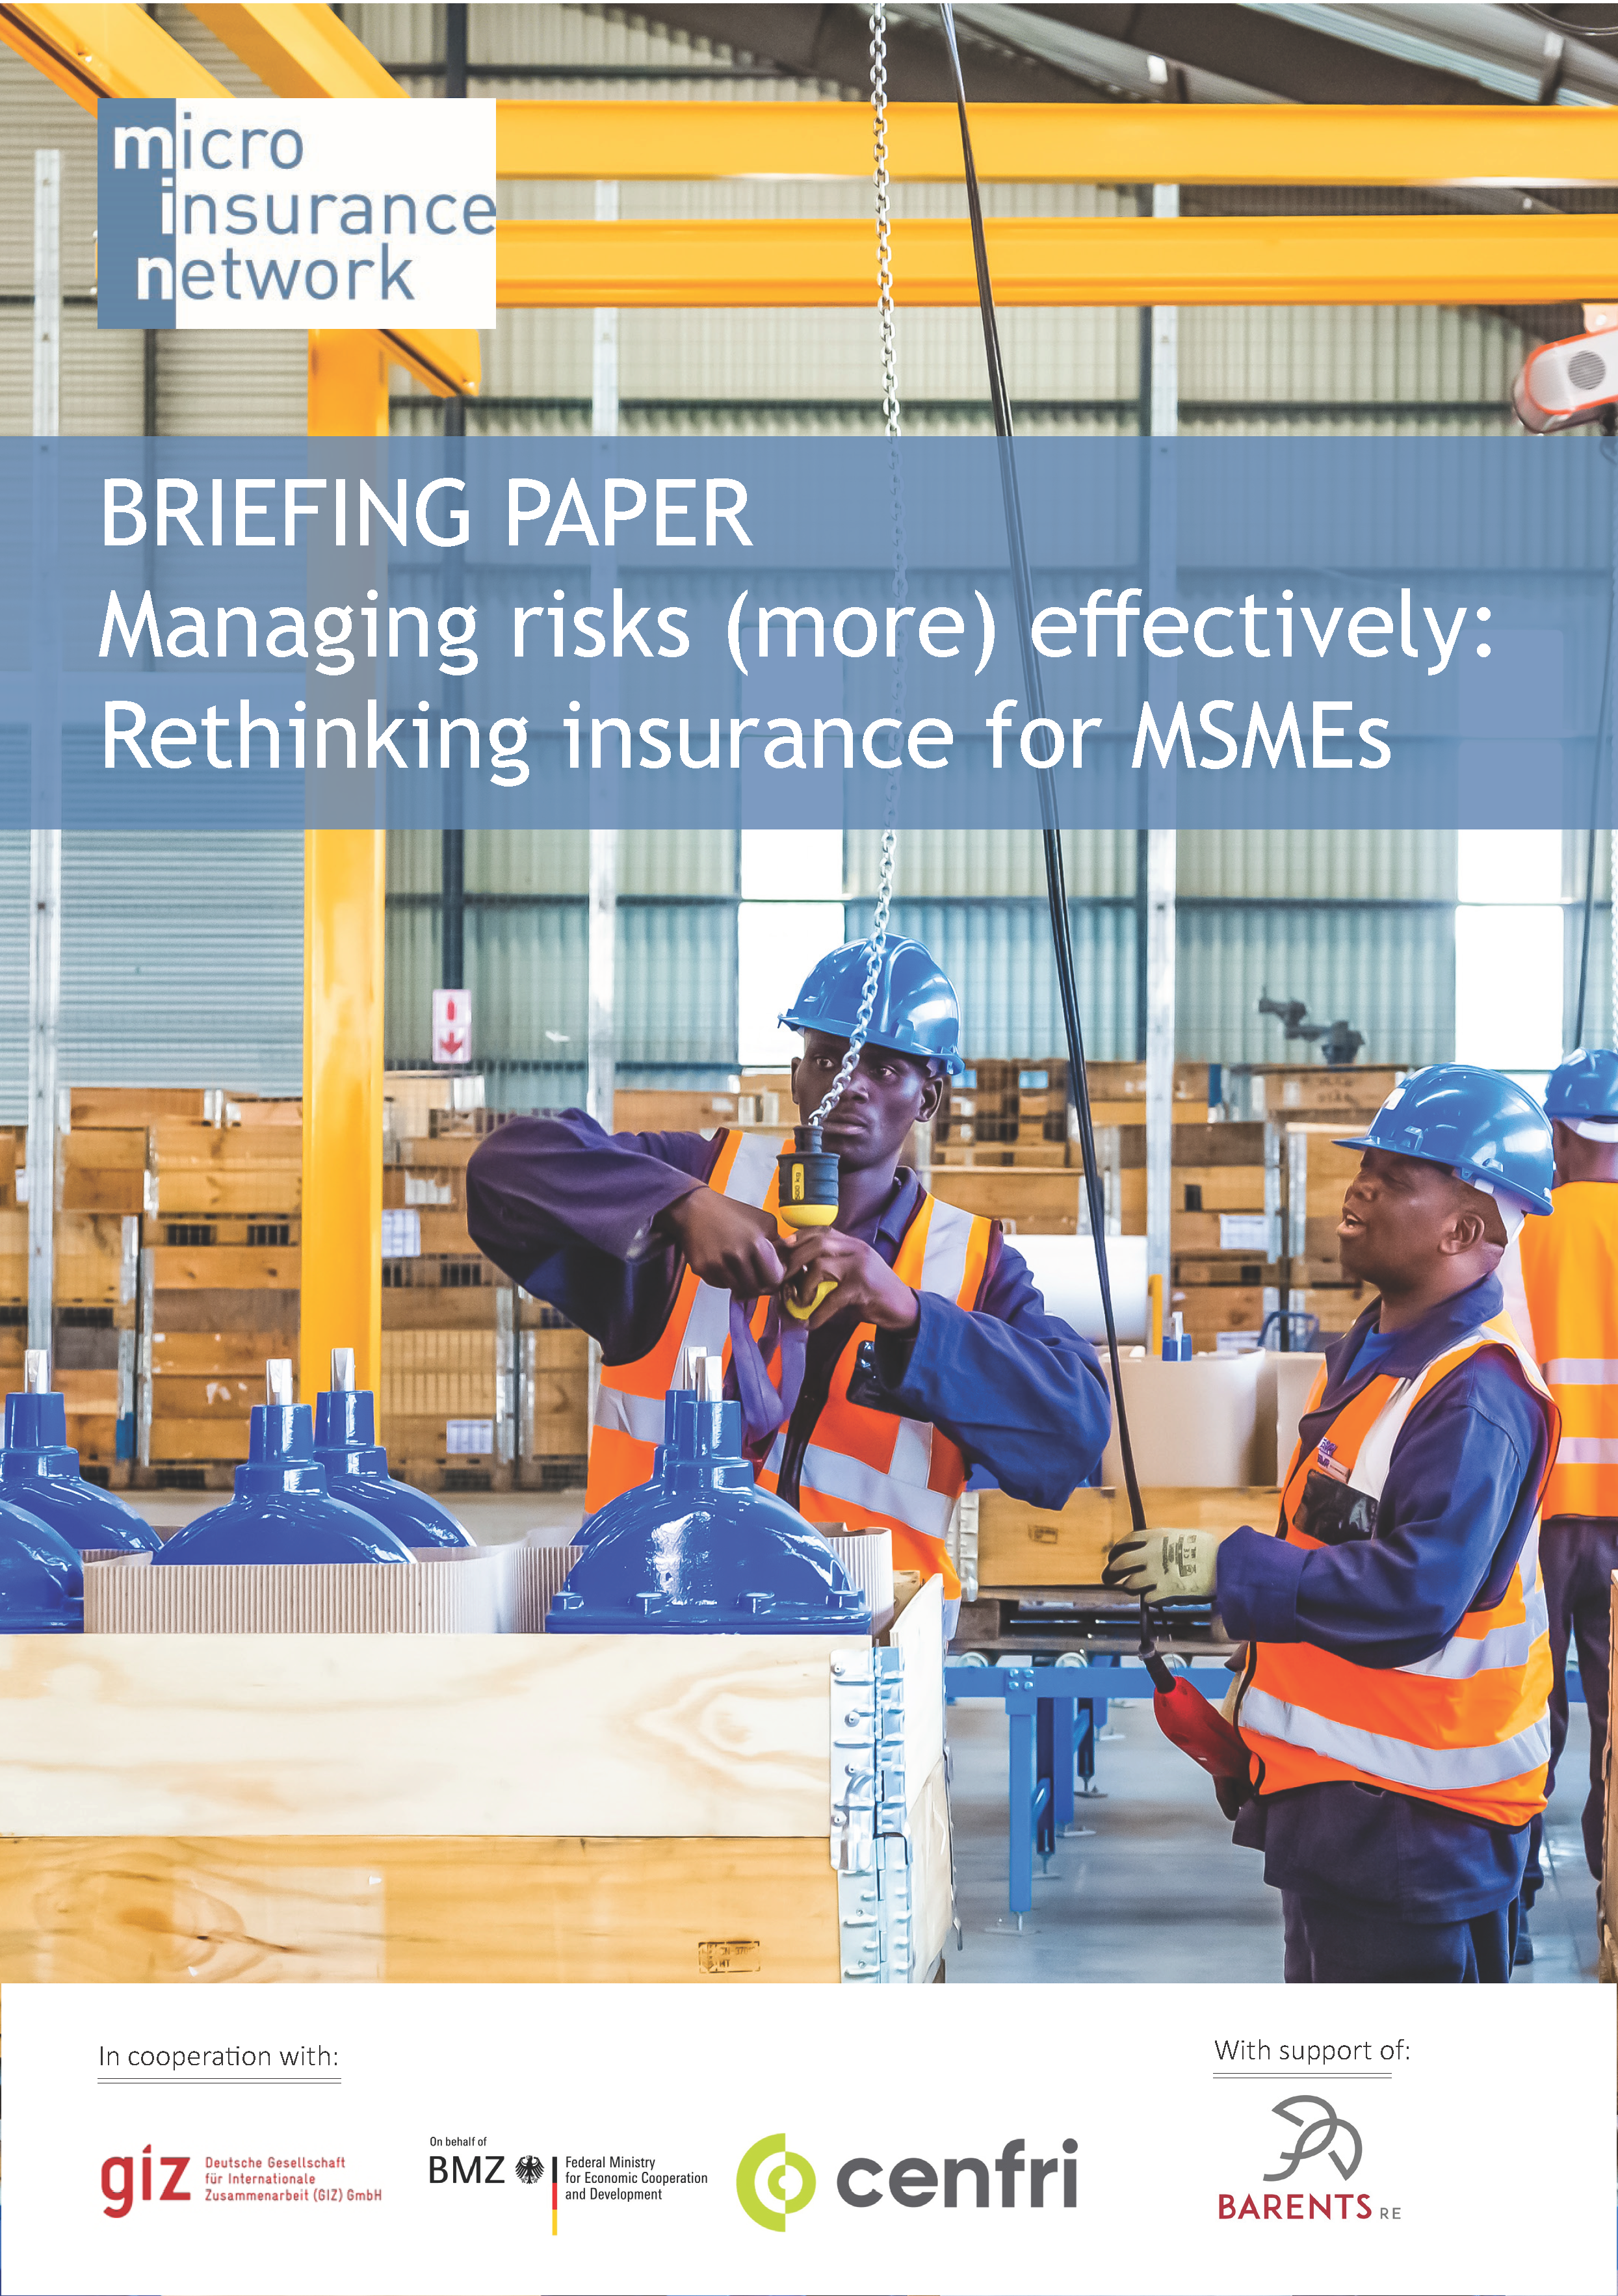 MSME insurance briefing paper_EN_0-1.png